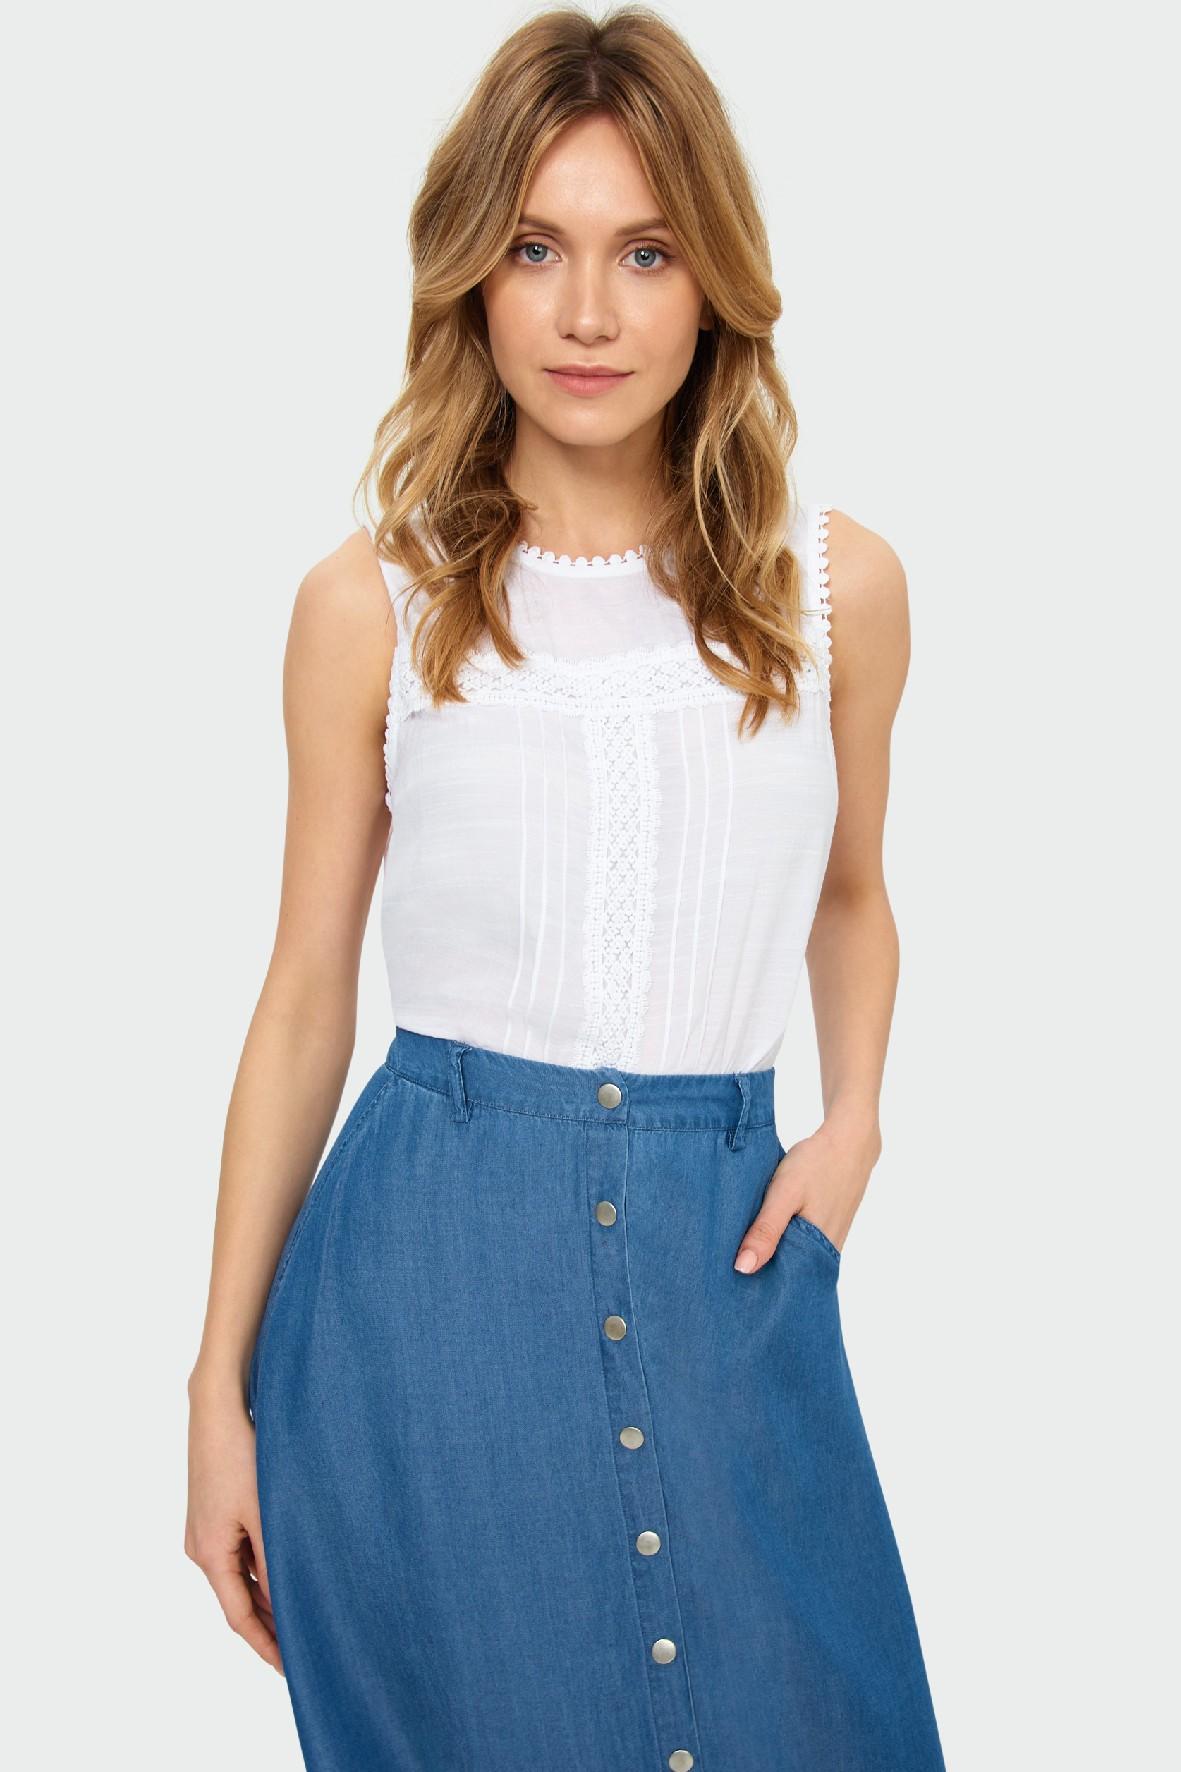 Bluzka damska z koronkowymi aplikacjami- biała